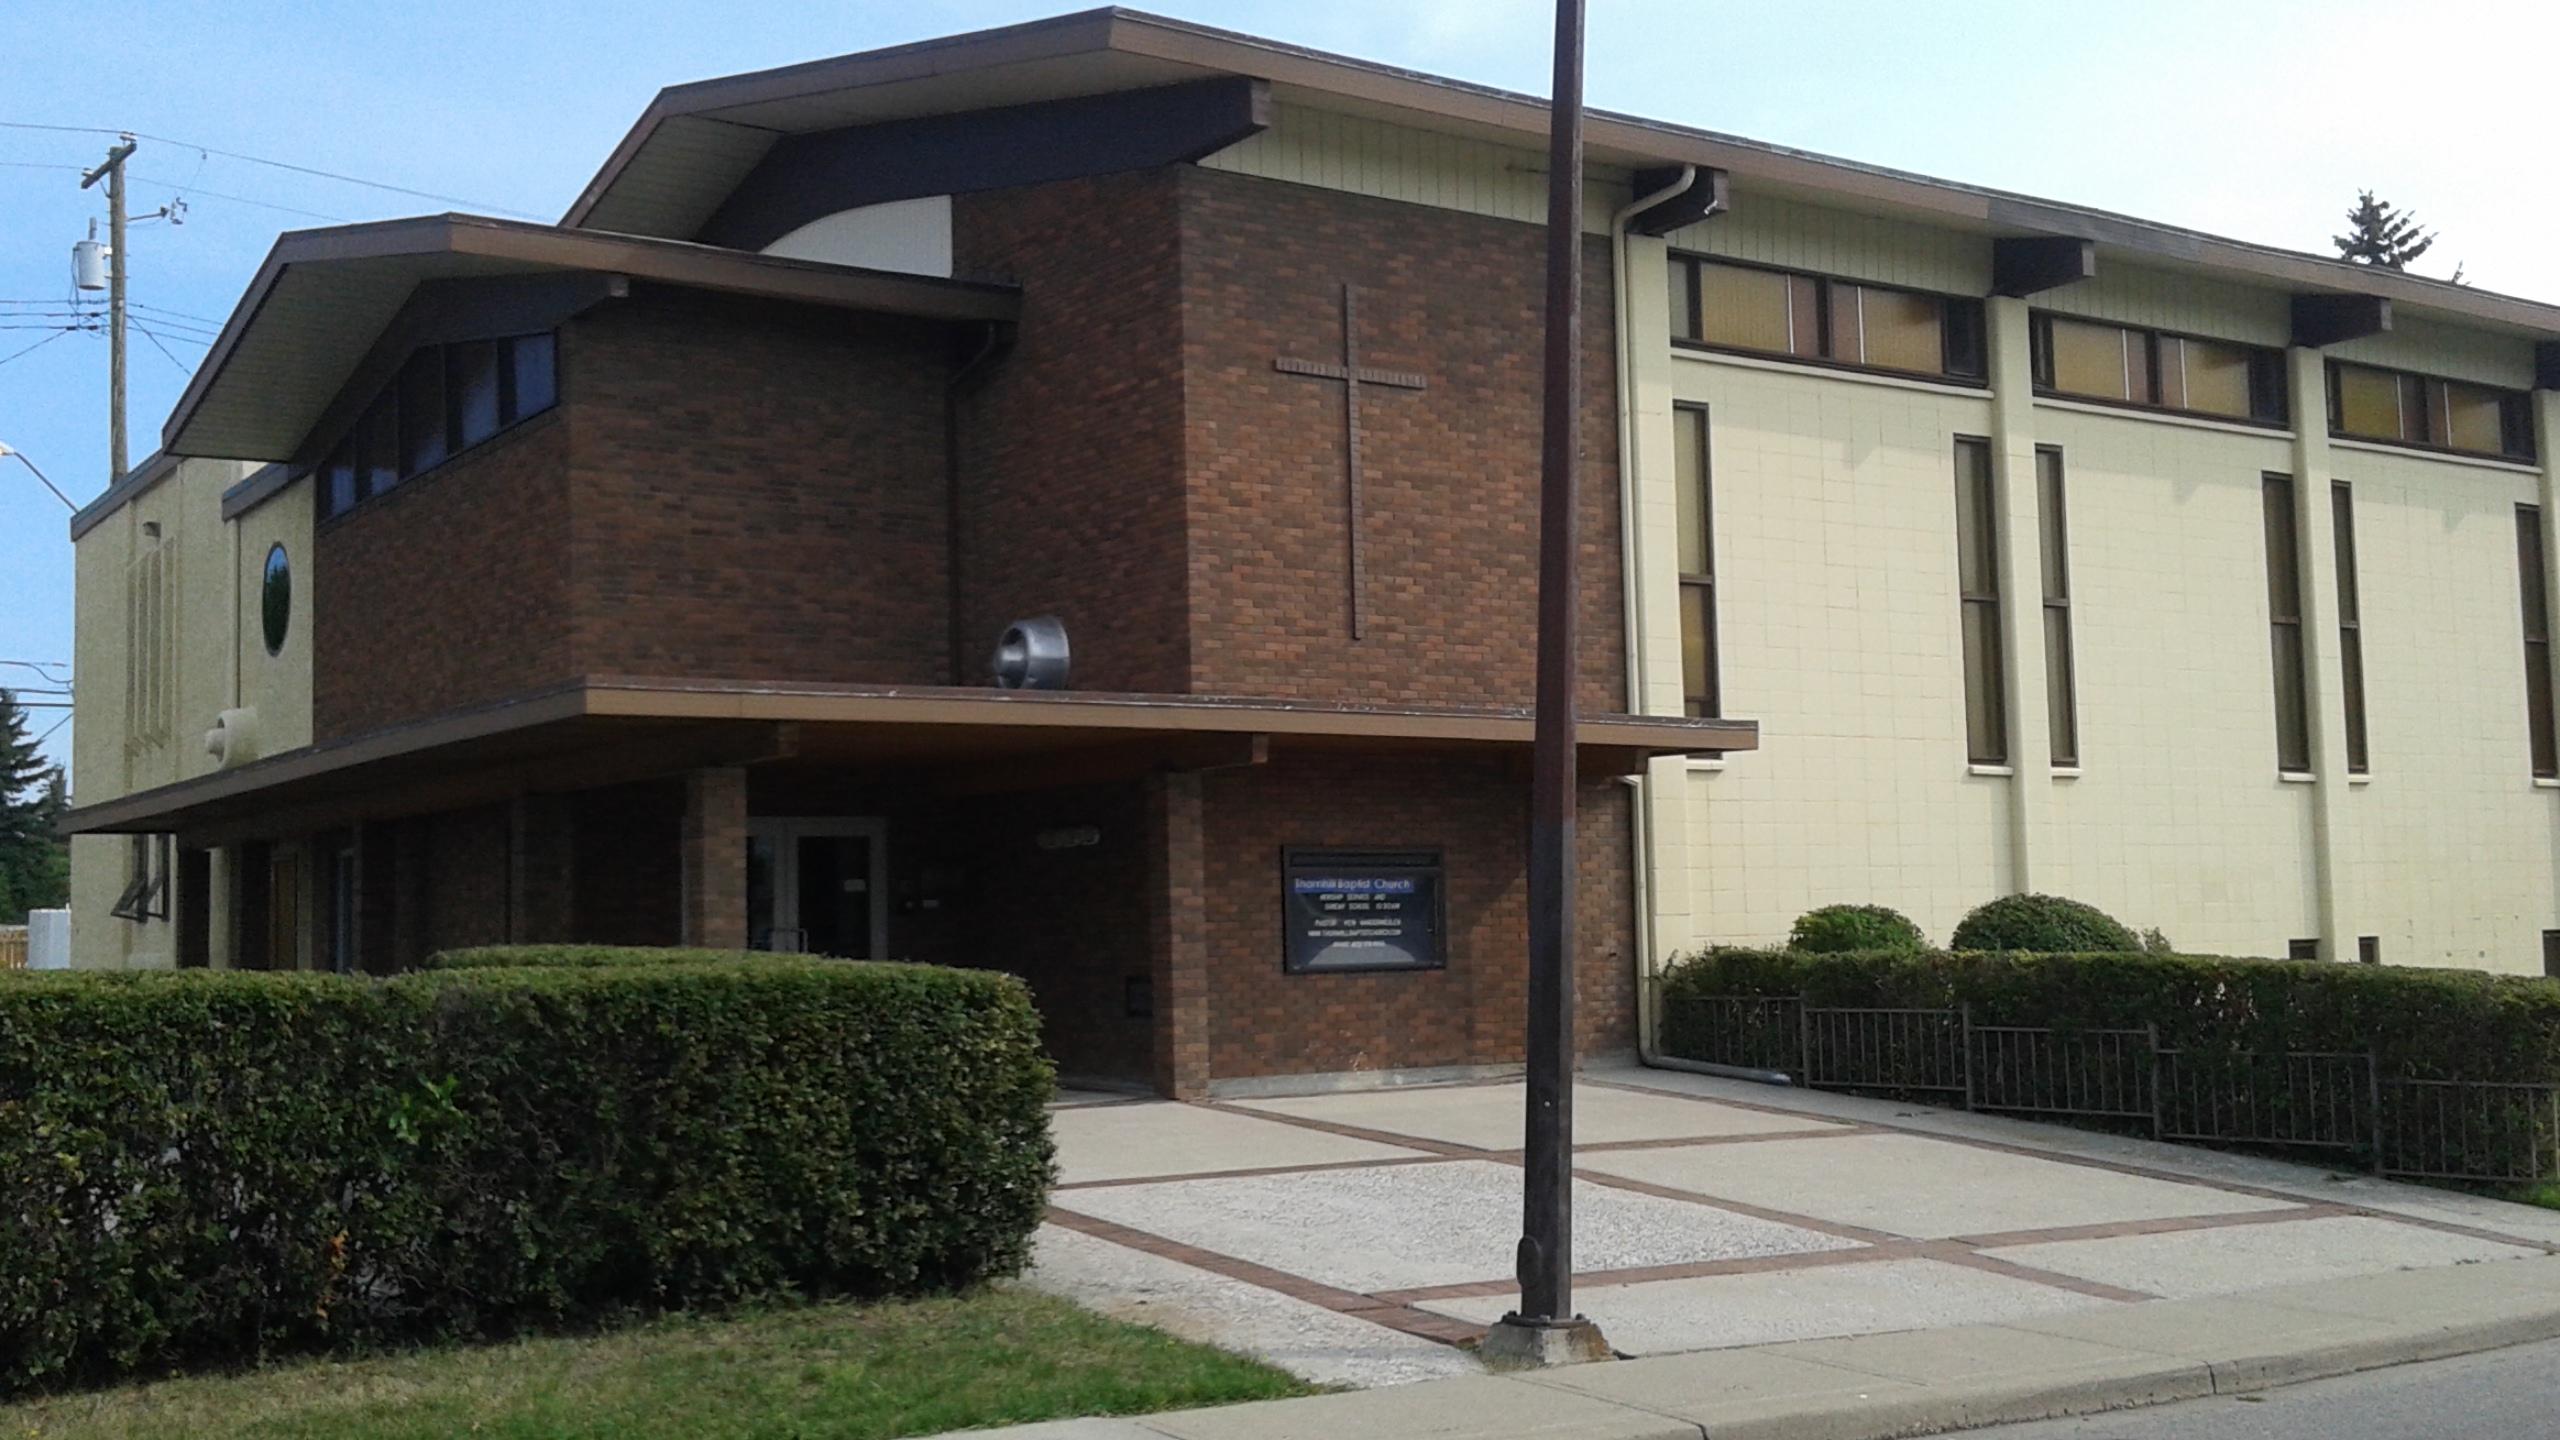 Thornhill Baptist Church